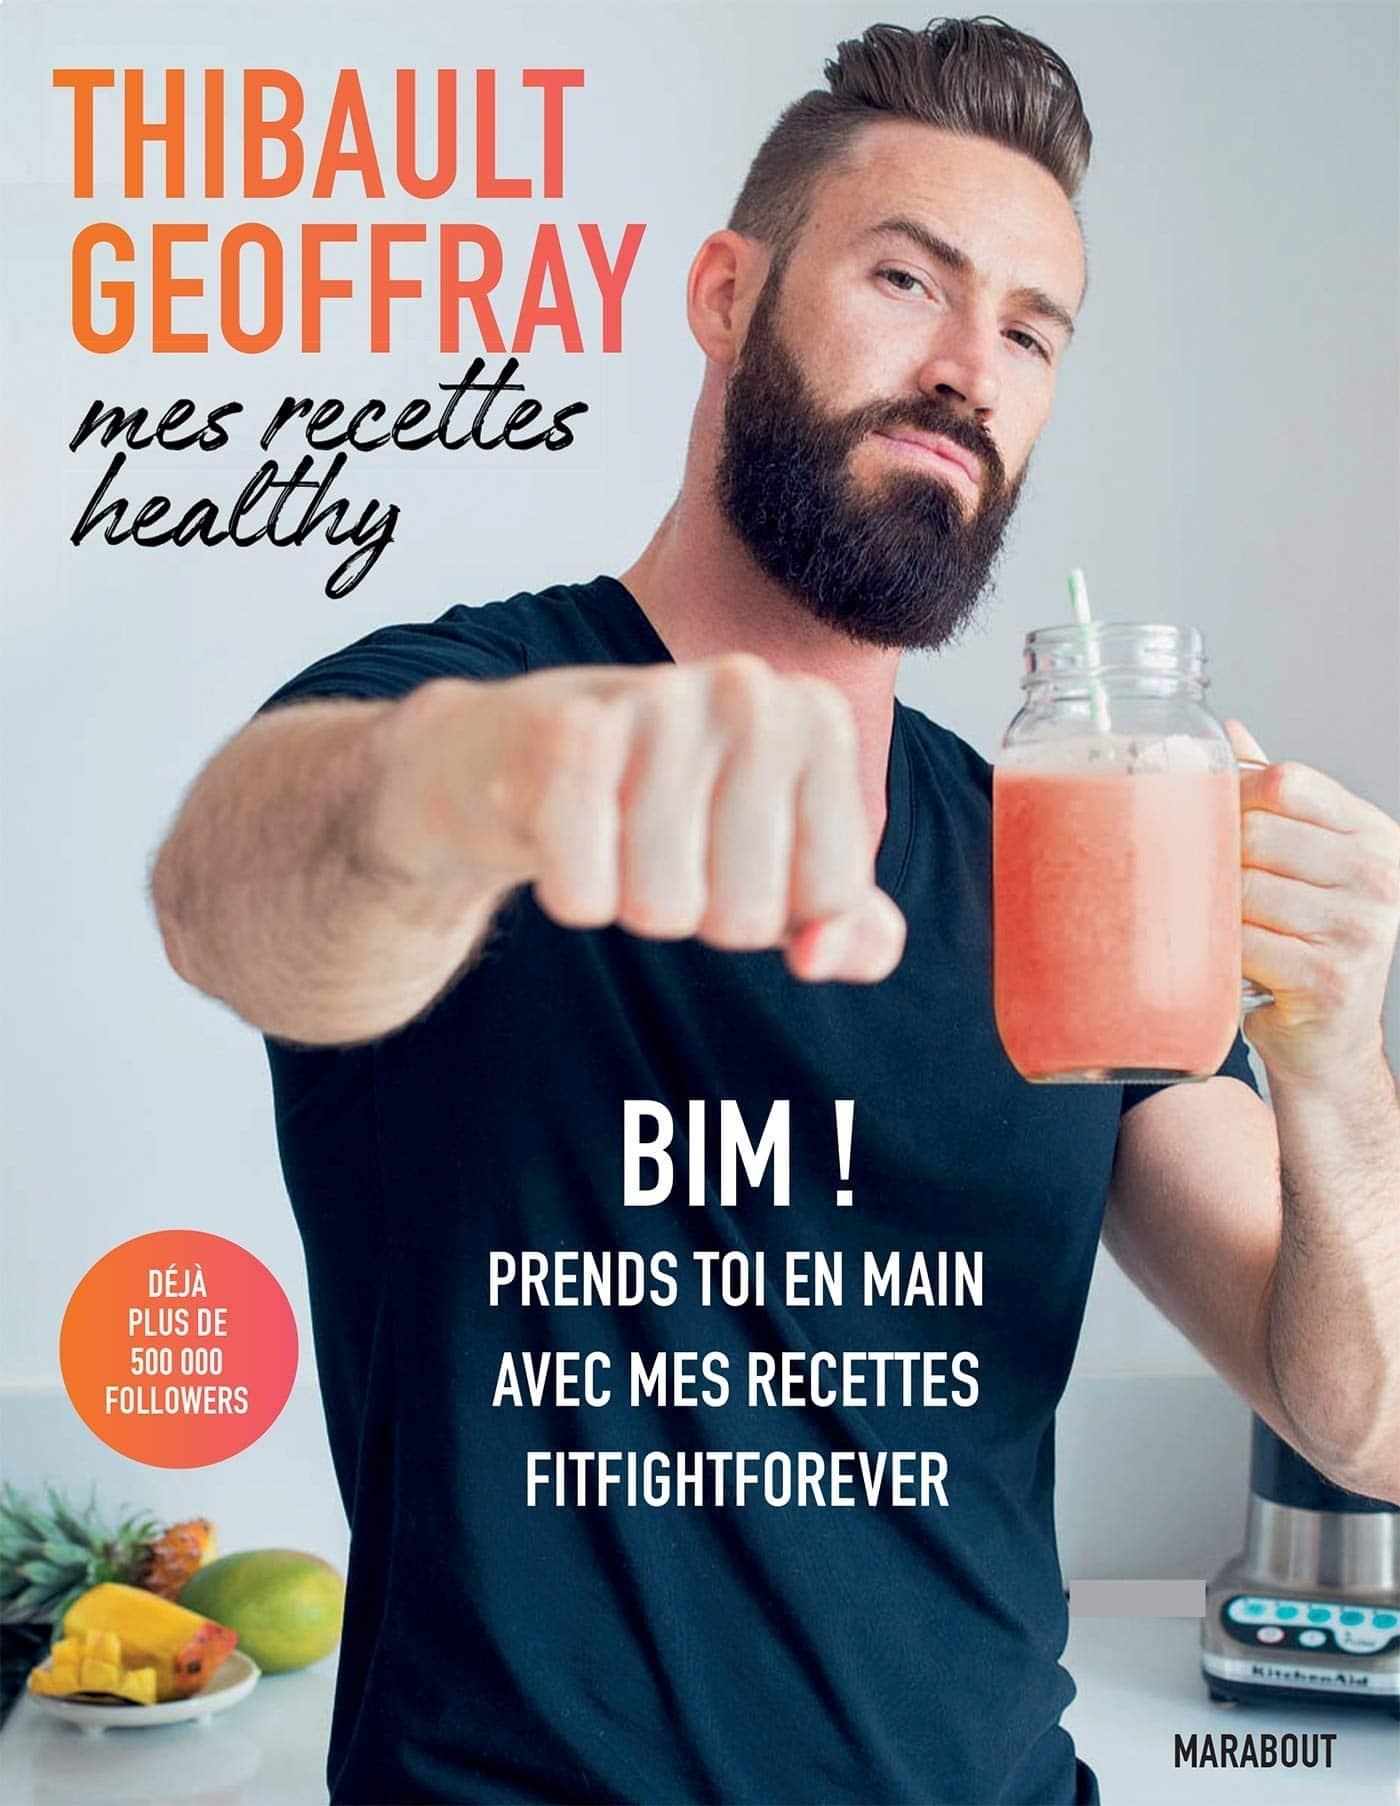 Mes recettes healthy, un excellent livre de Thibault Geoffray